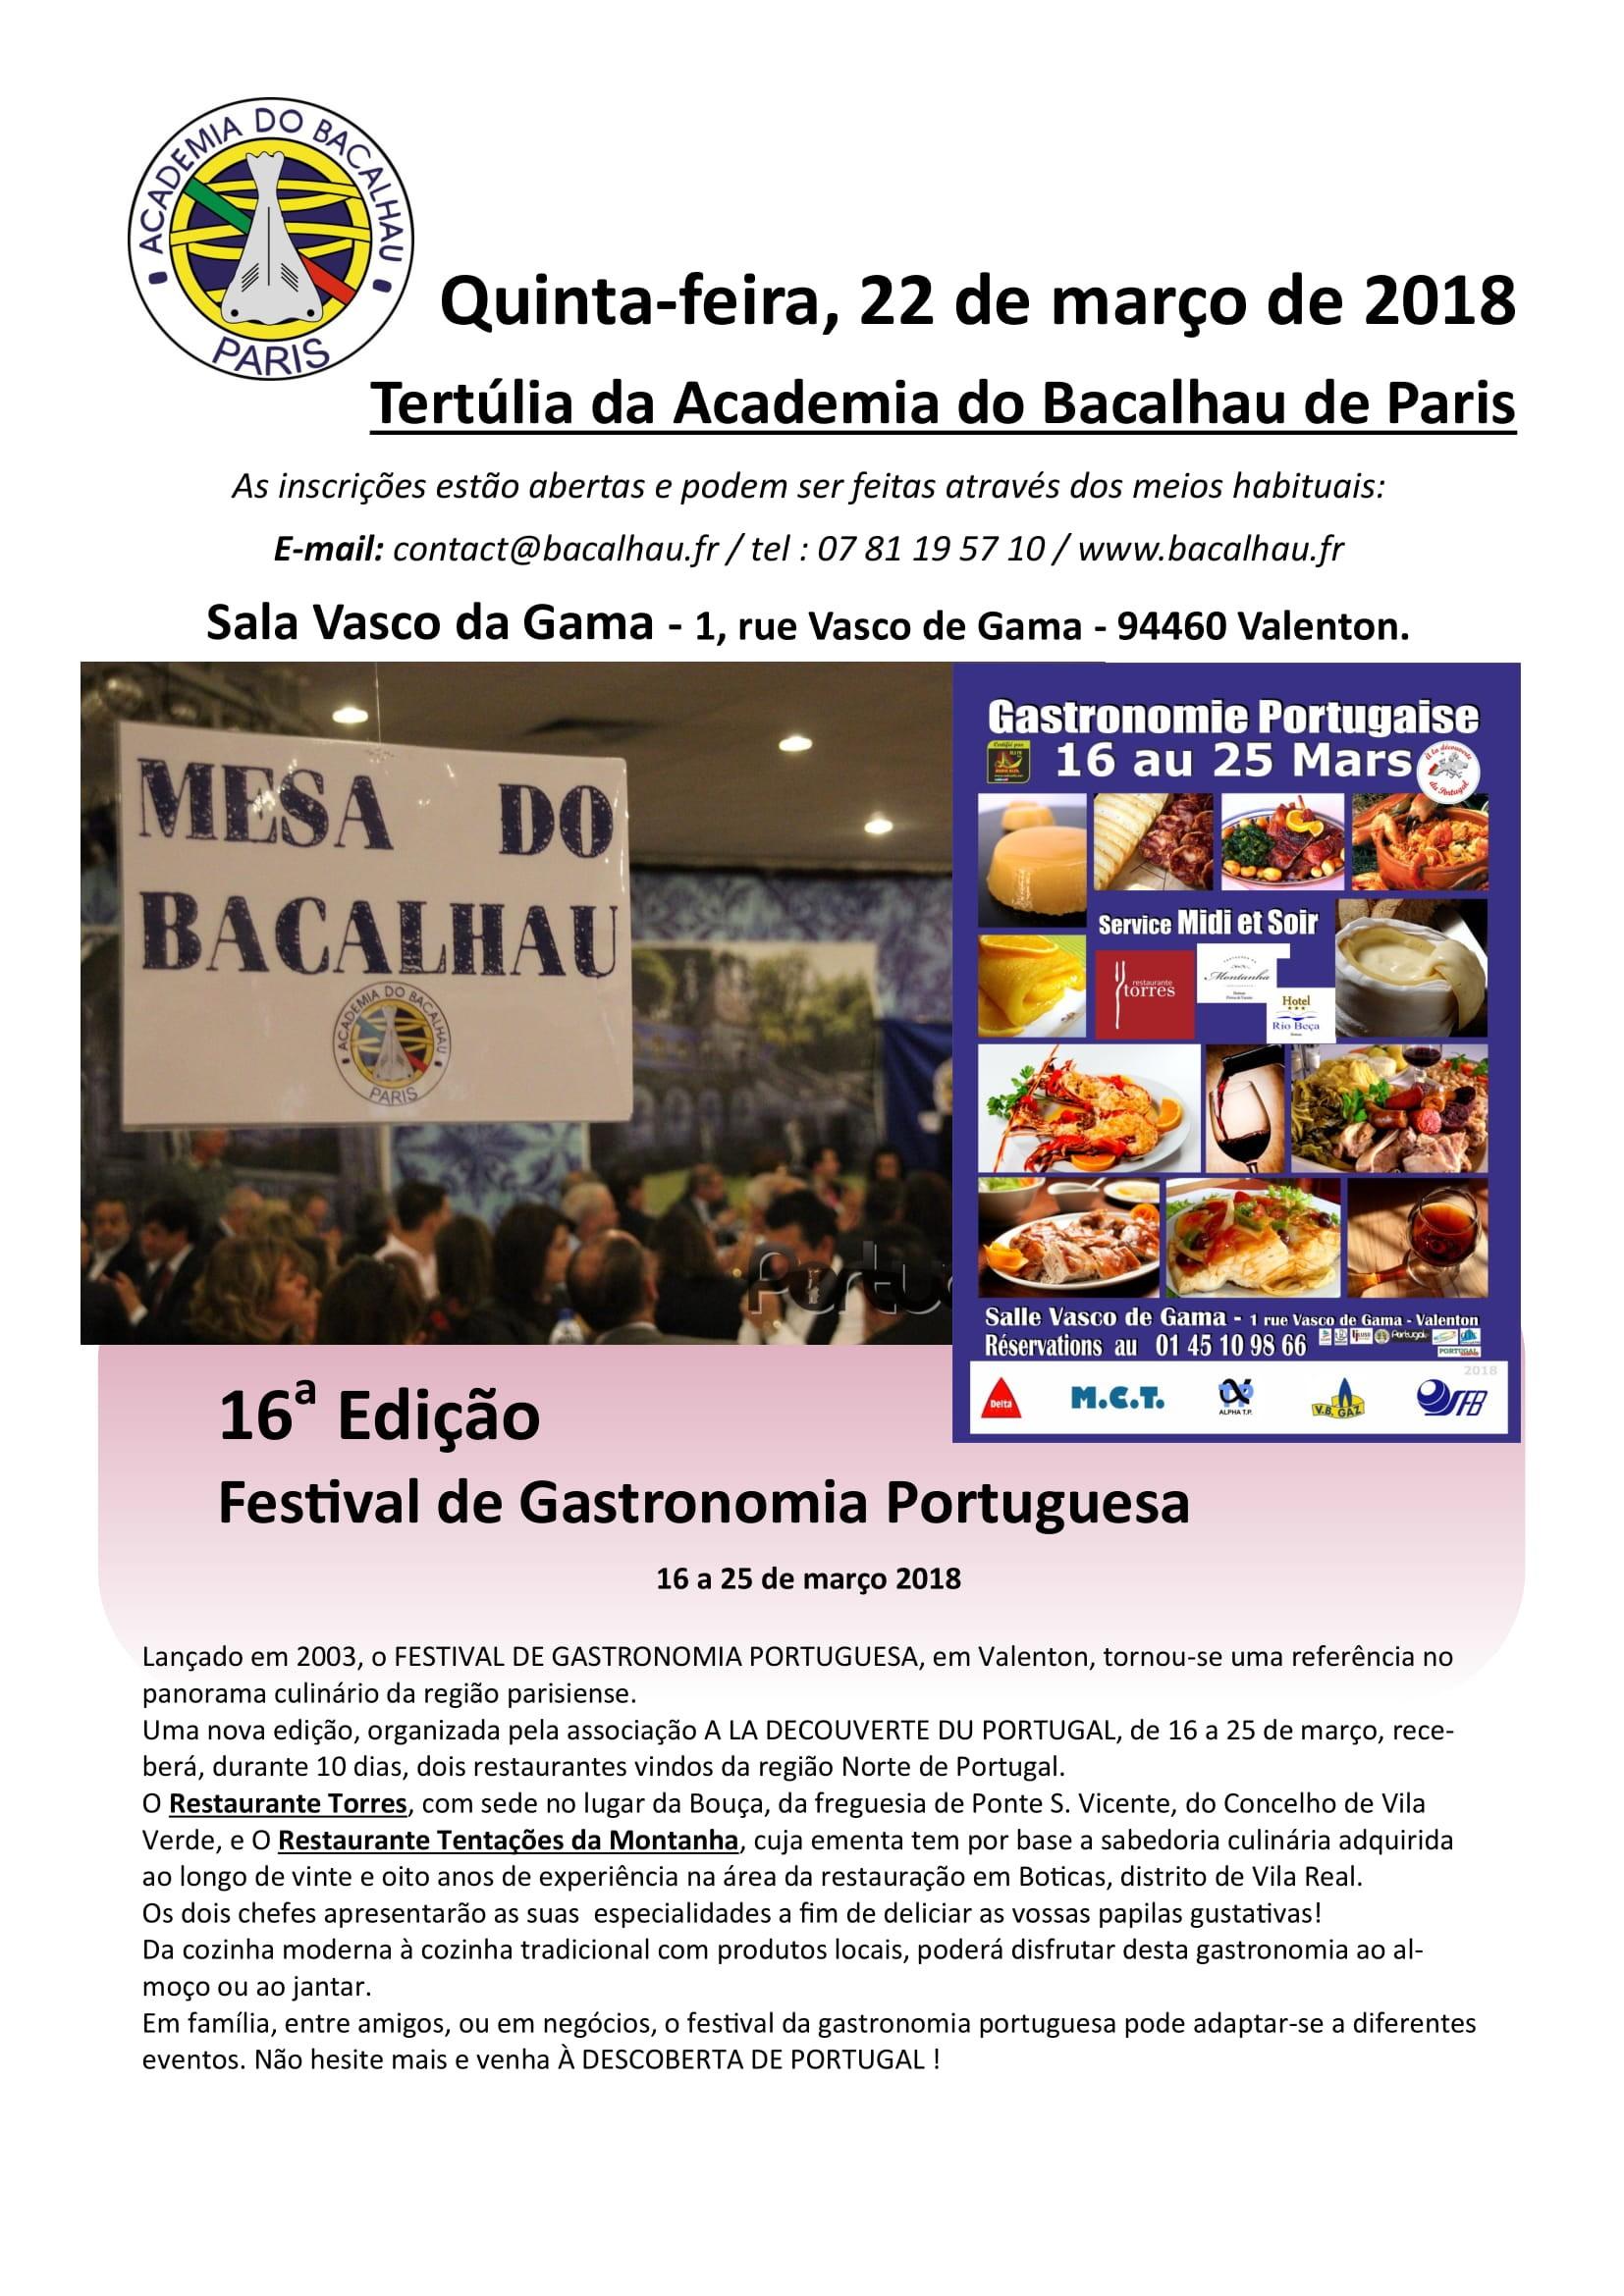 cartaz turtulia ABP março 2018-1